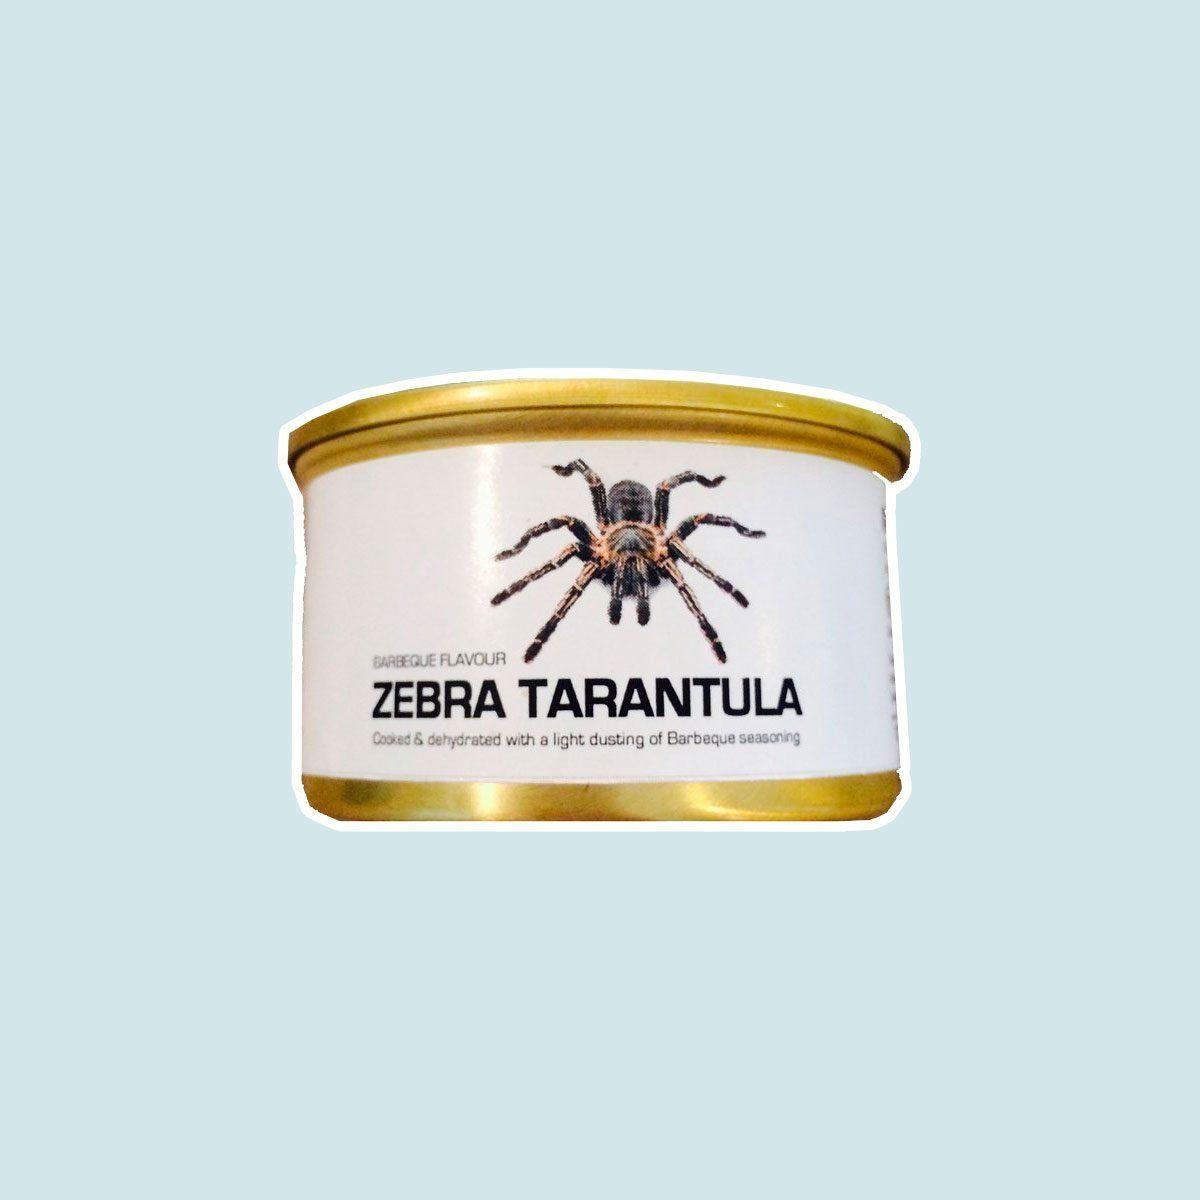 Zebra Tarantula